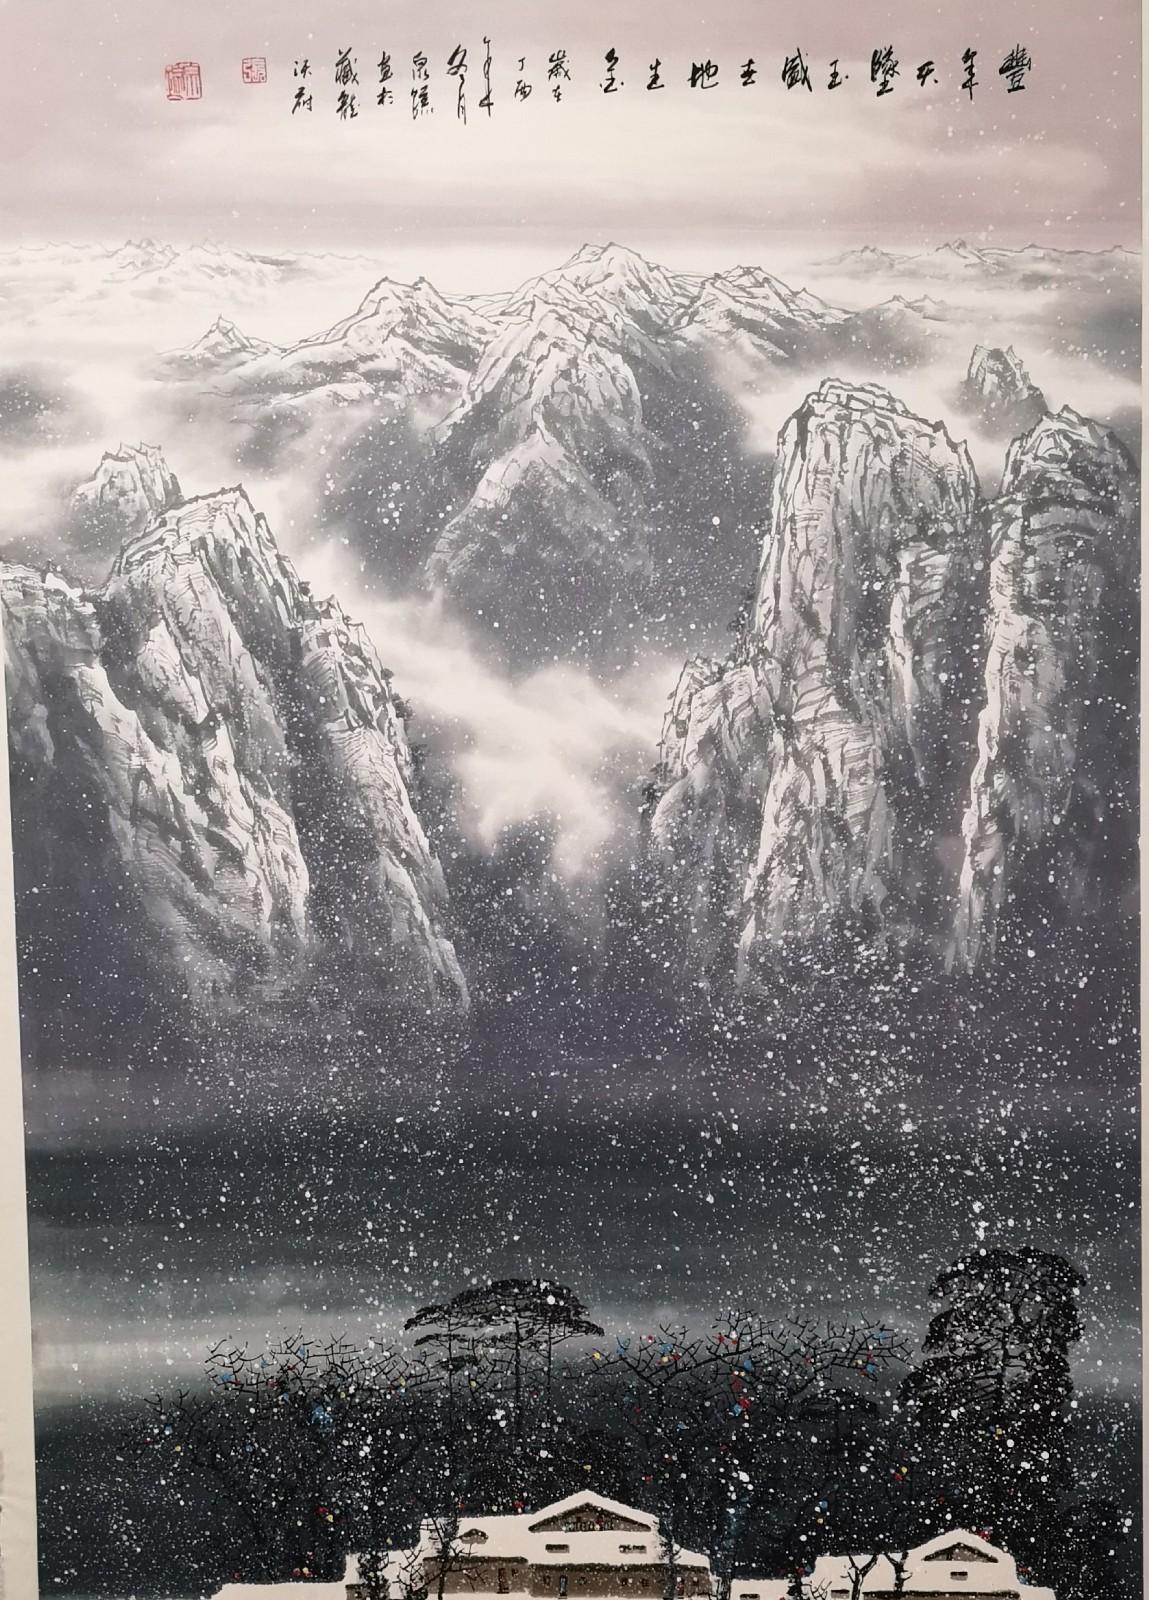 六尺手绘雪景国画办公室宣纸真迹山水画收藏客厅水墨